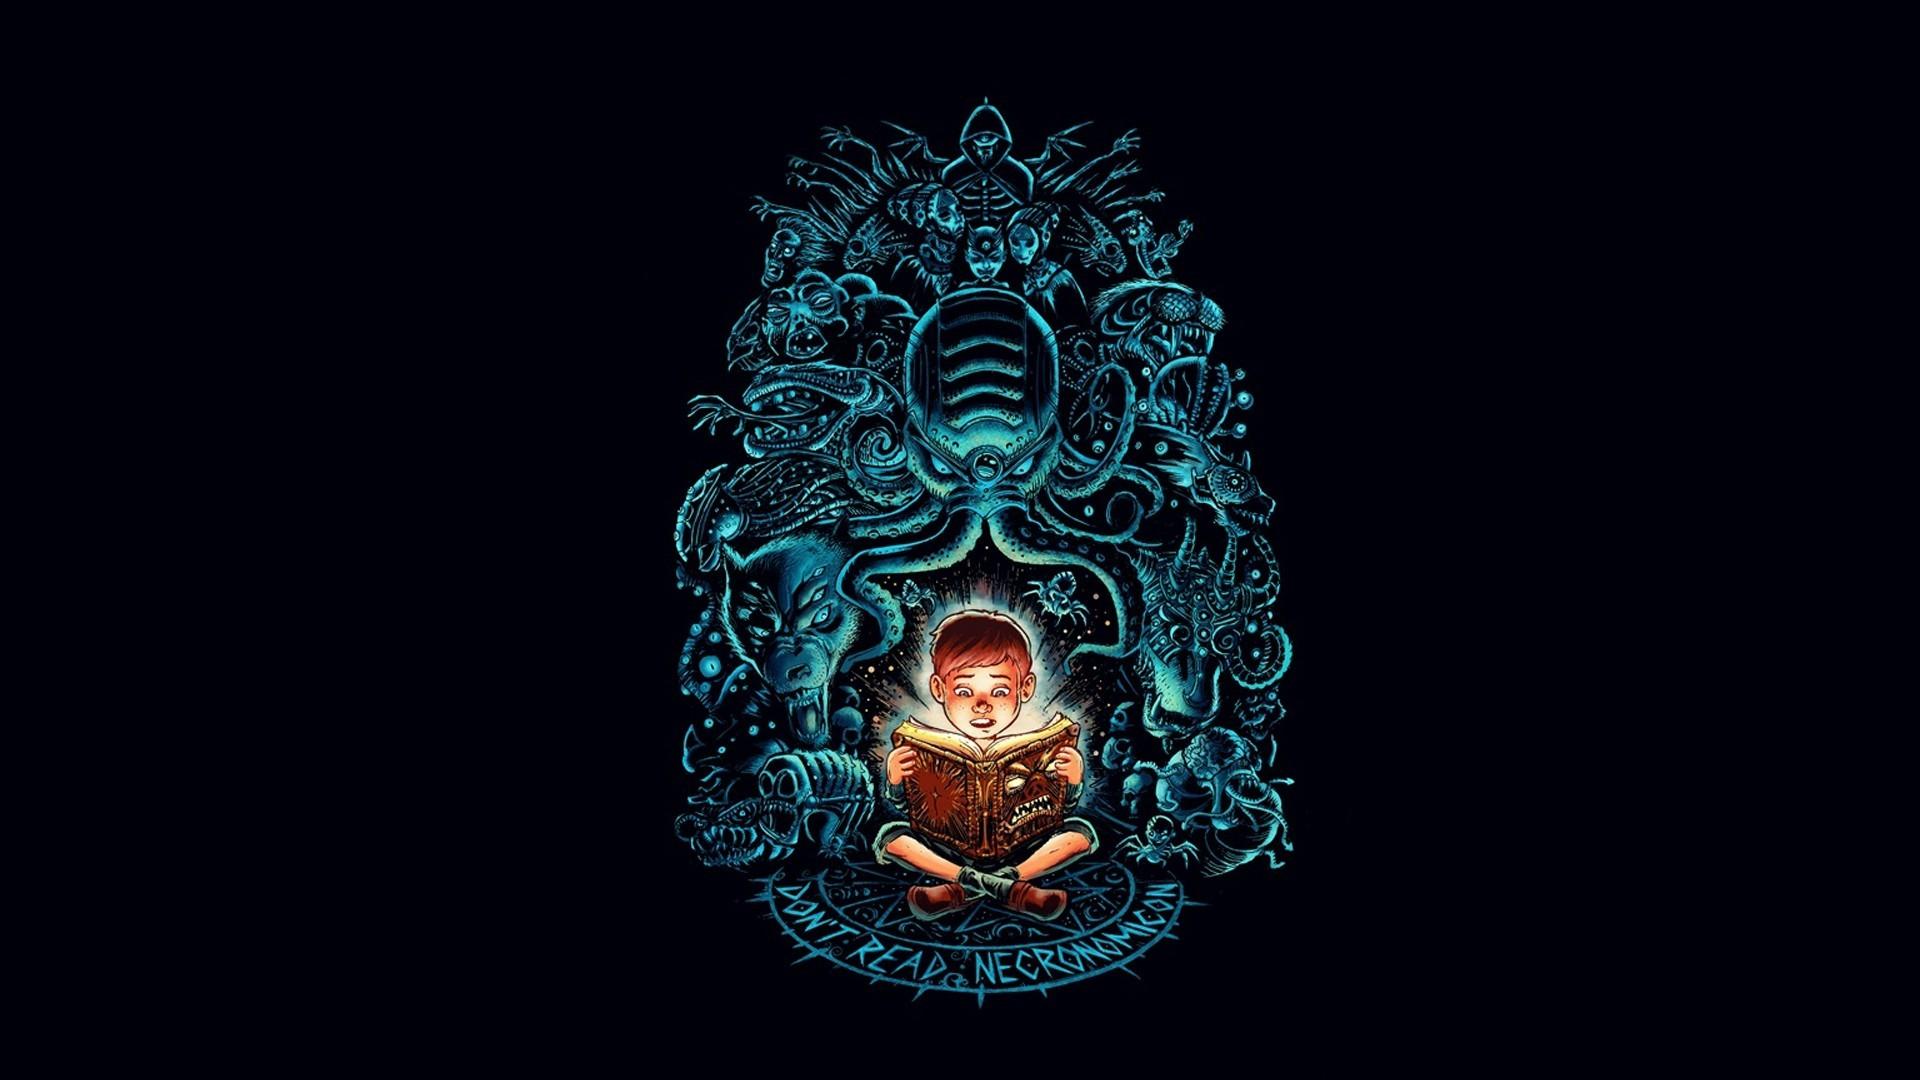 Hp Lovecraft Art Wallpapers: Wallpaper : Illustration, Horror, Minimalism, Reading